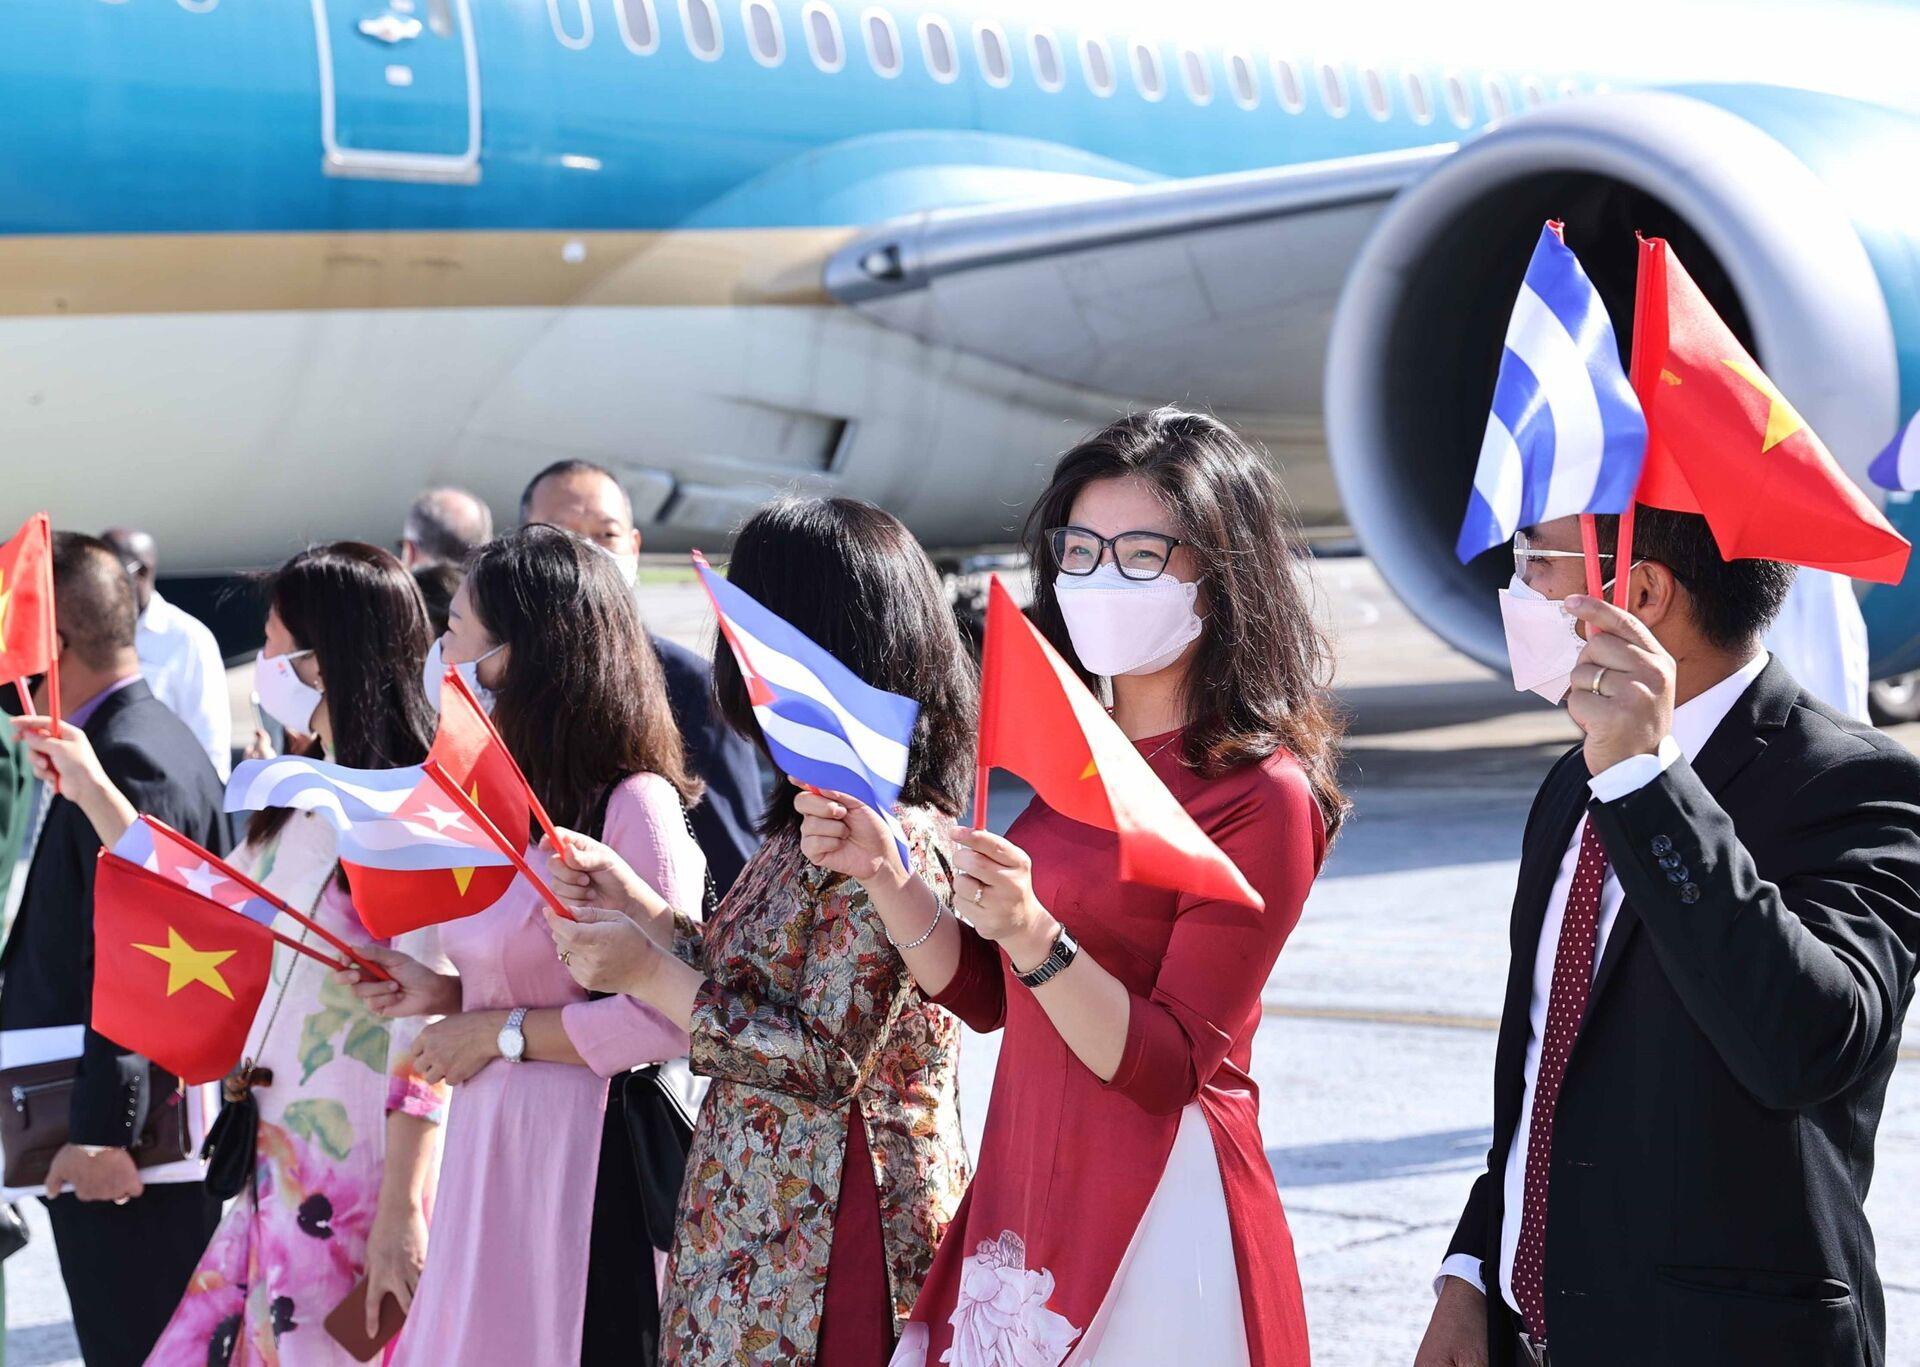 Chủ tịch nước Nguyễn Xuân Phúc và đoàn đại biểu cấp cao Đảng và Nhà nước Việt Nam đến Cuba bắt đầu chuyến thăm chính thức - Sputnik Việt Nam, 1920, 05.10.2021